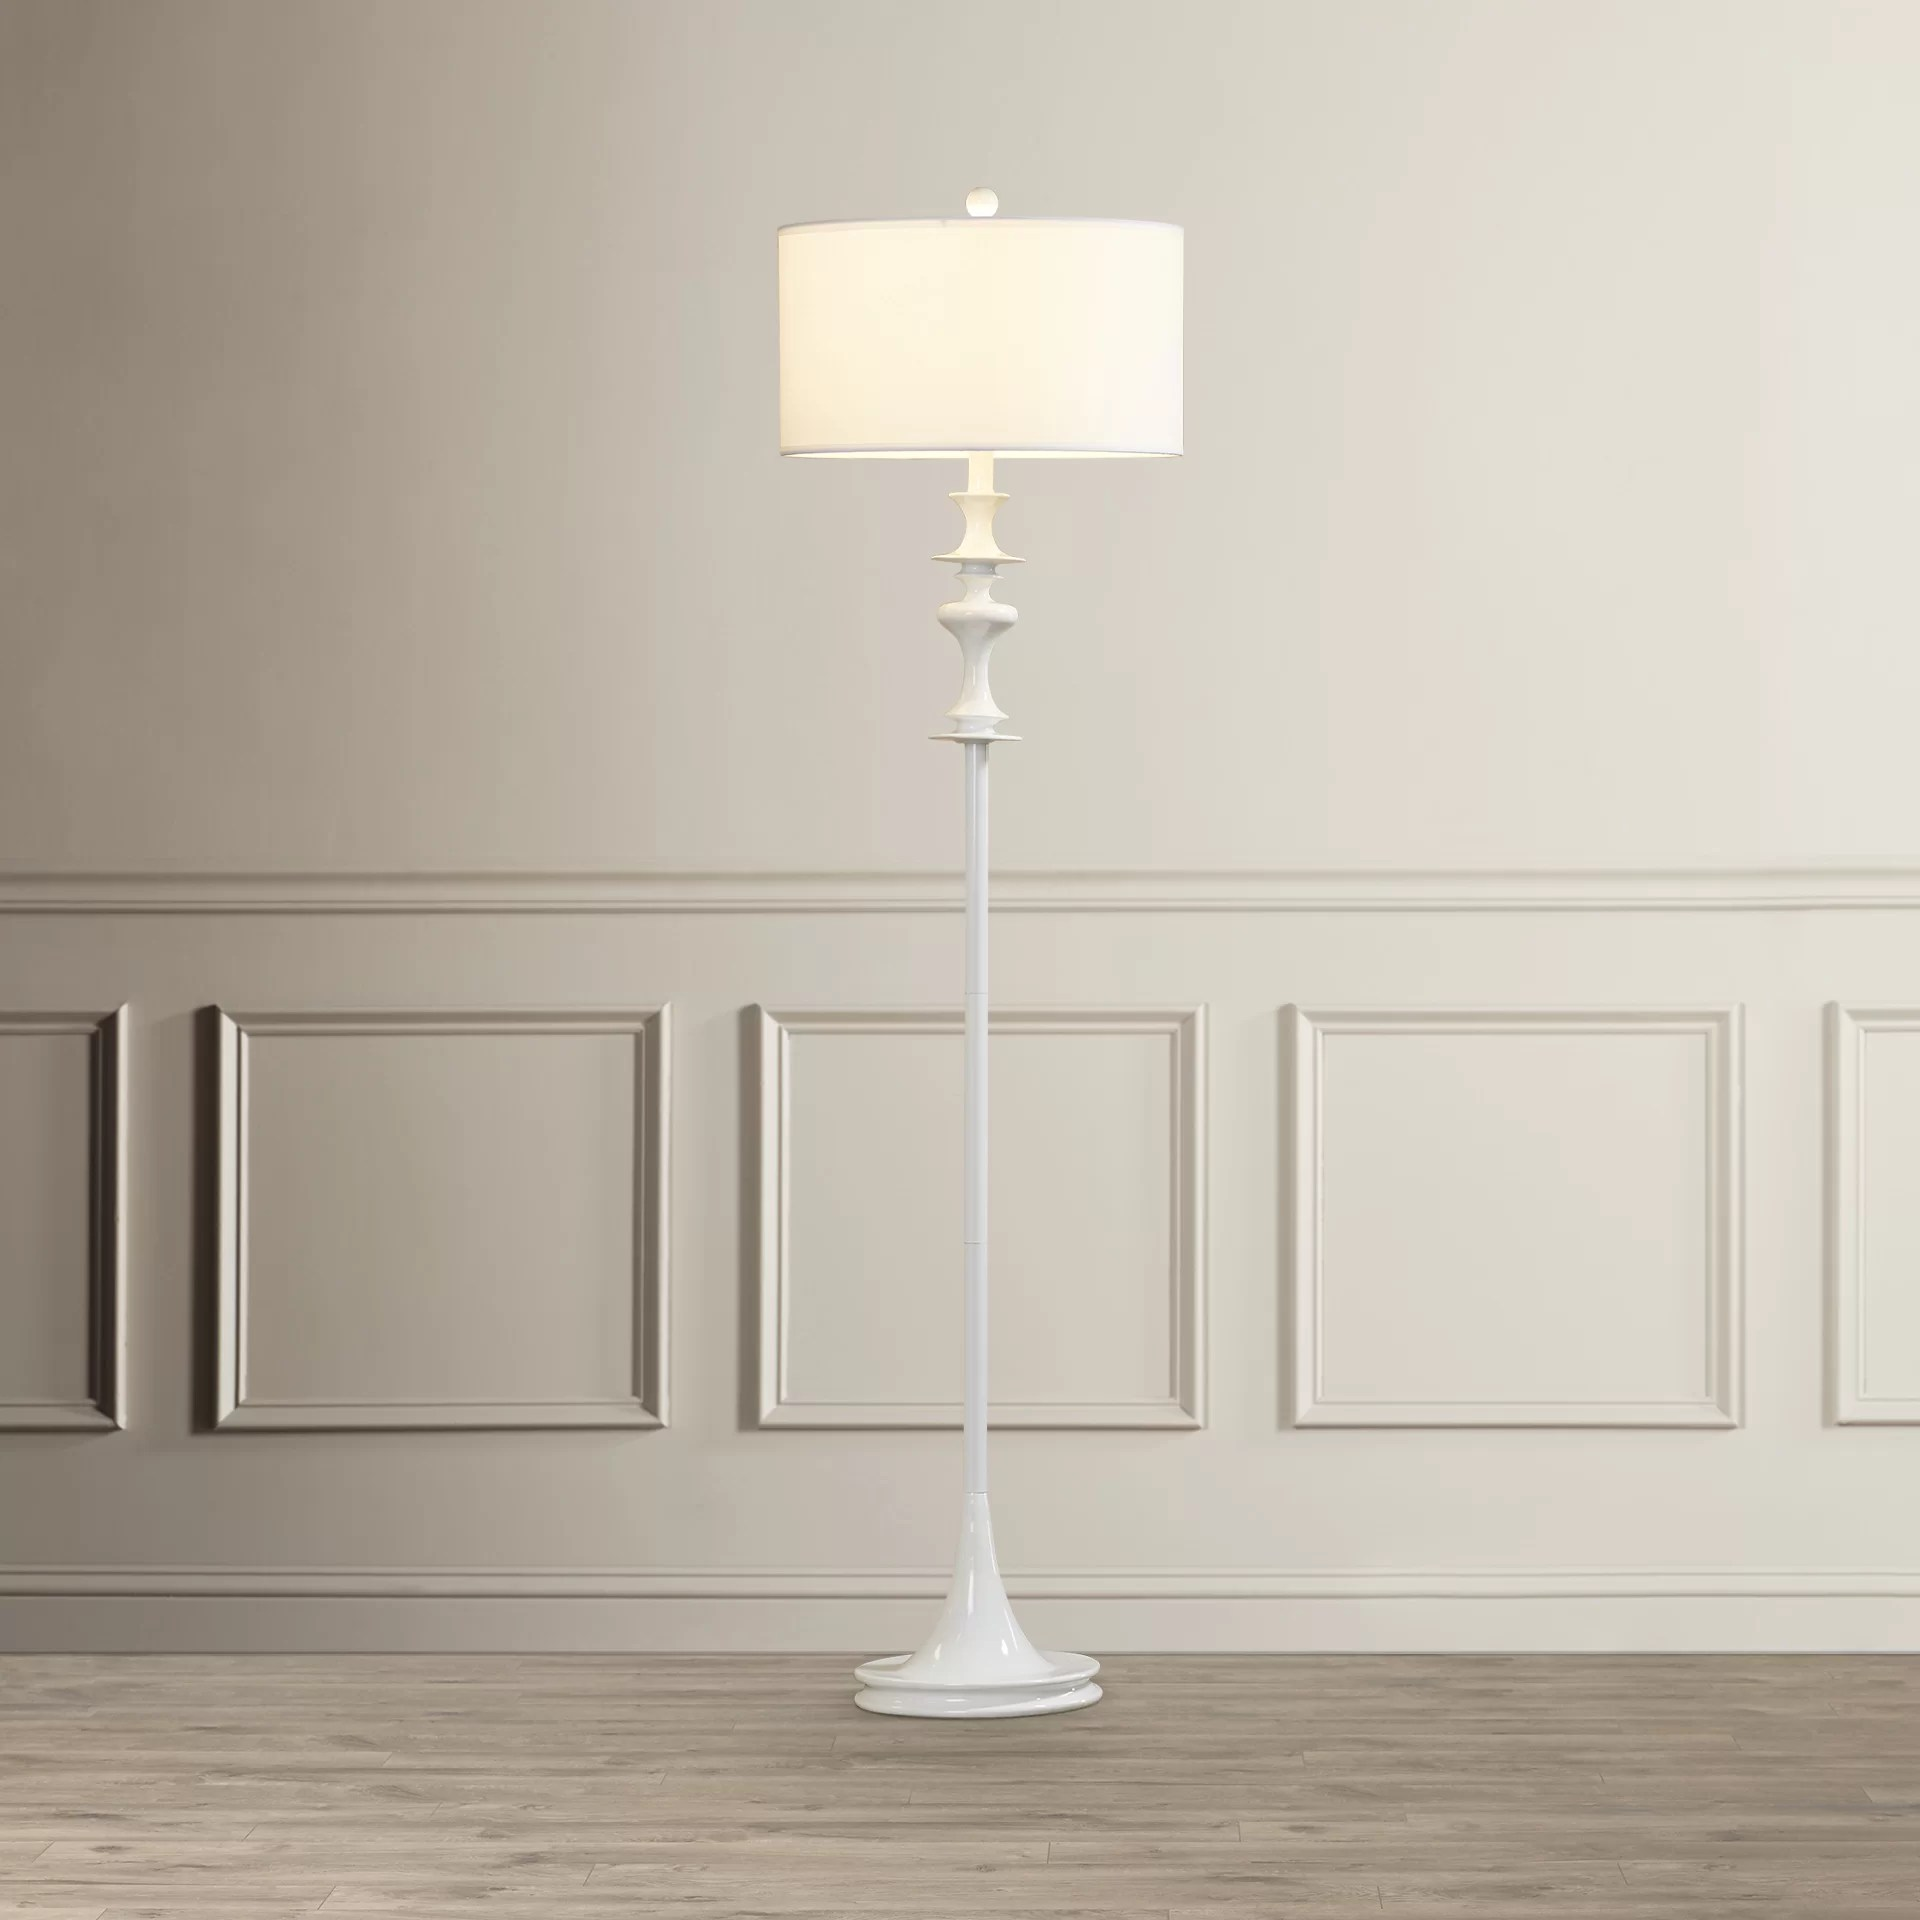 Guida 60 Floor Lamp Reviews Birch Lane